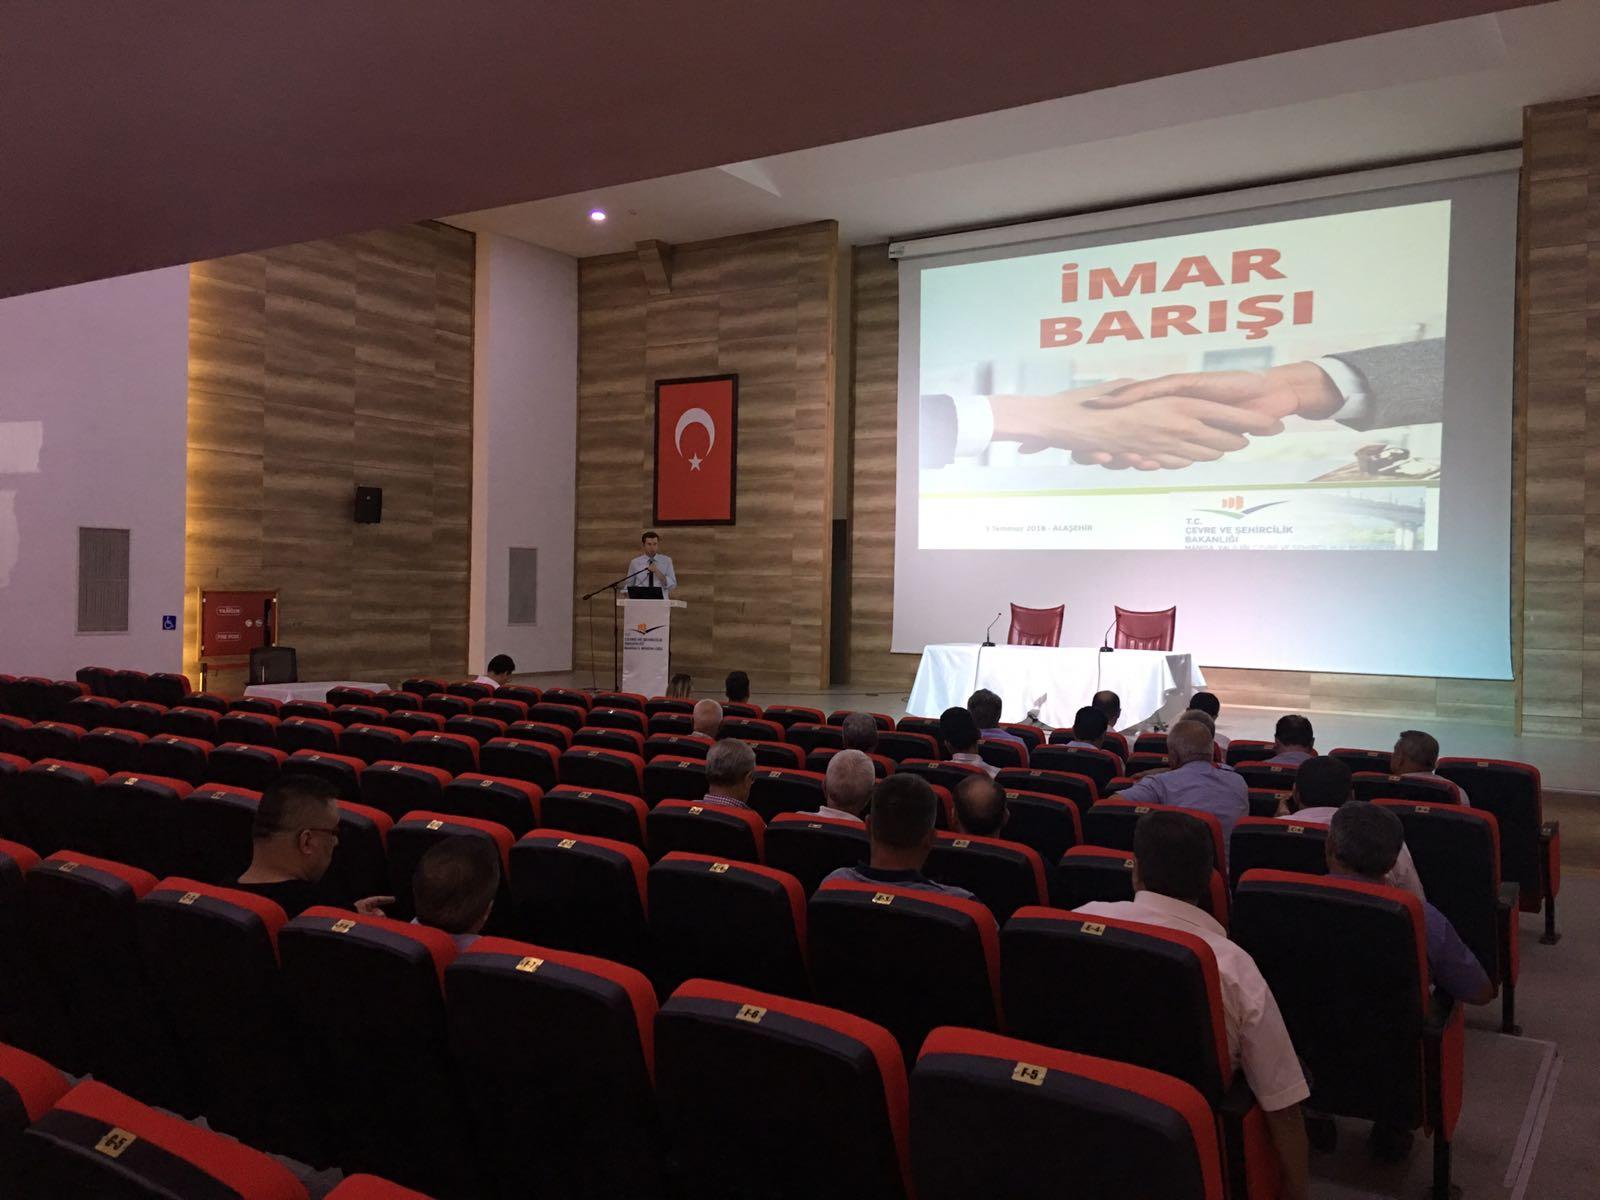 İmar Barışı: Alaşehir İlçesinde Bilgilendirme Toplantısı Düzenlendi